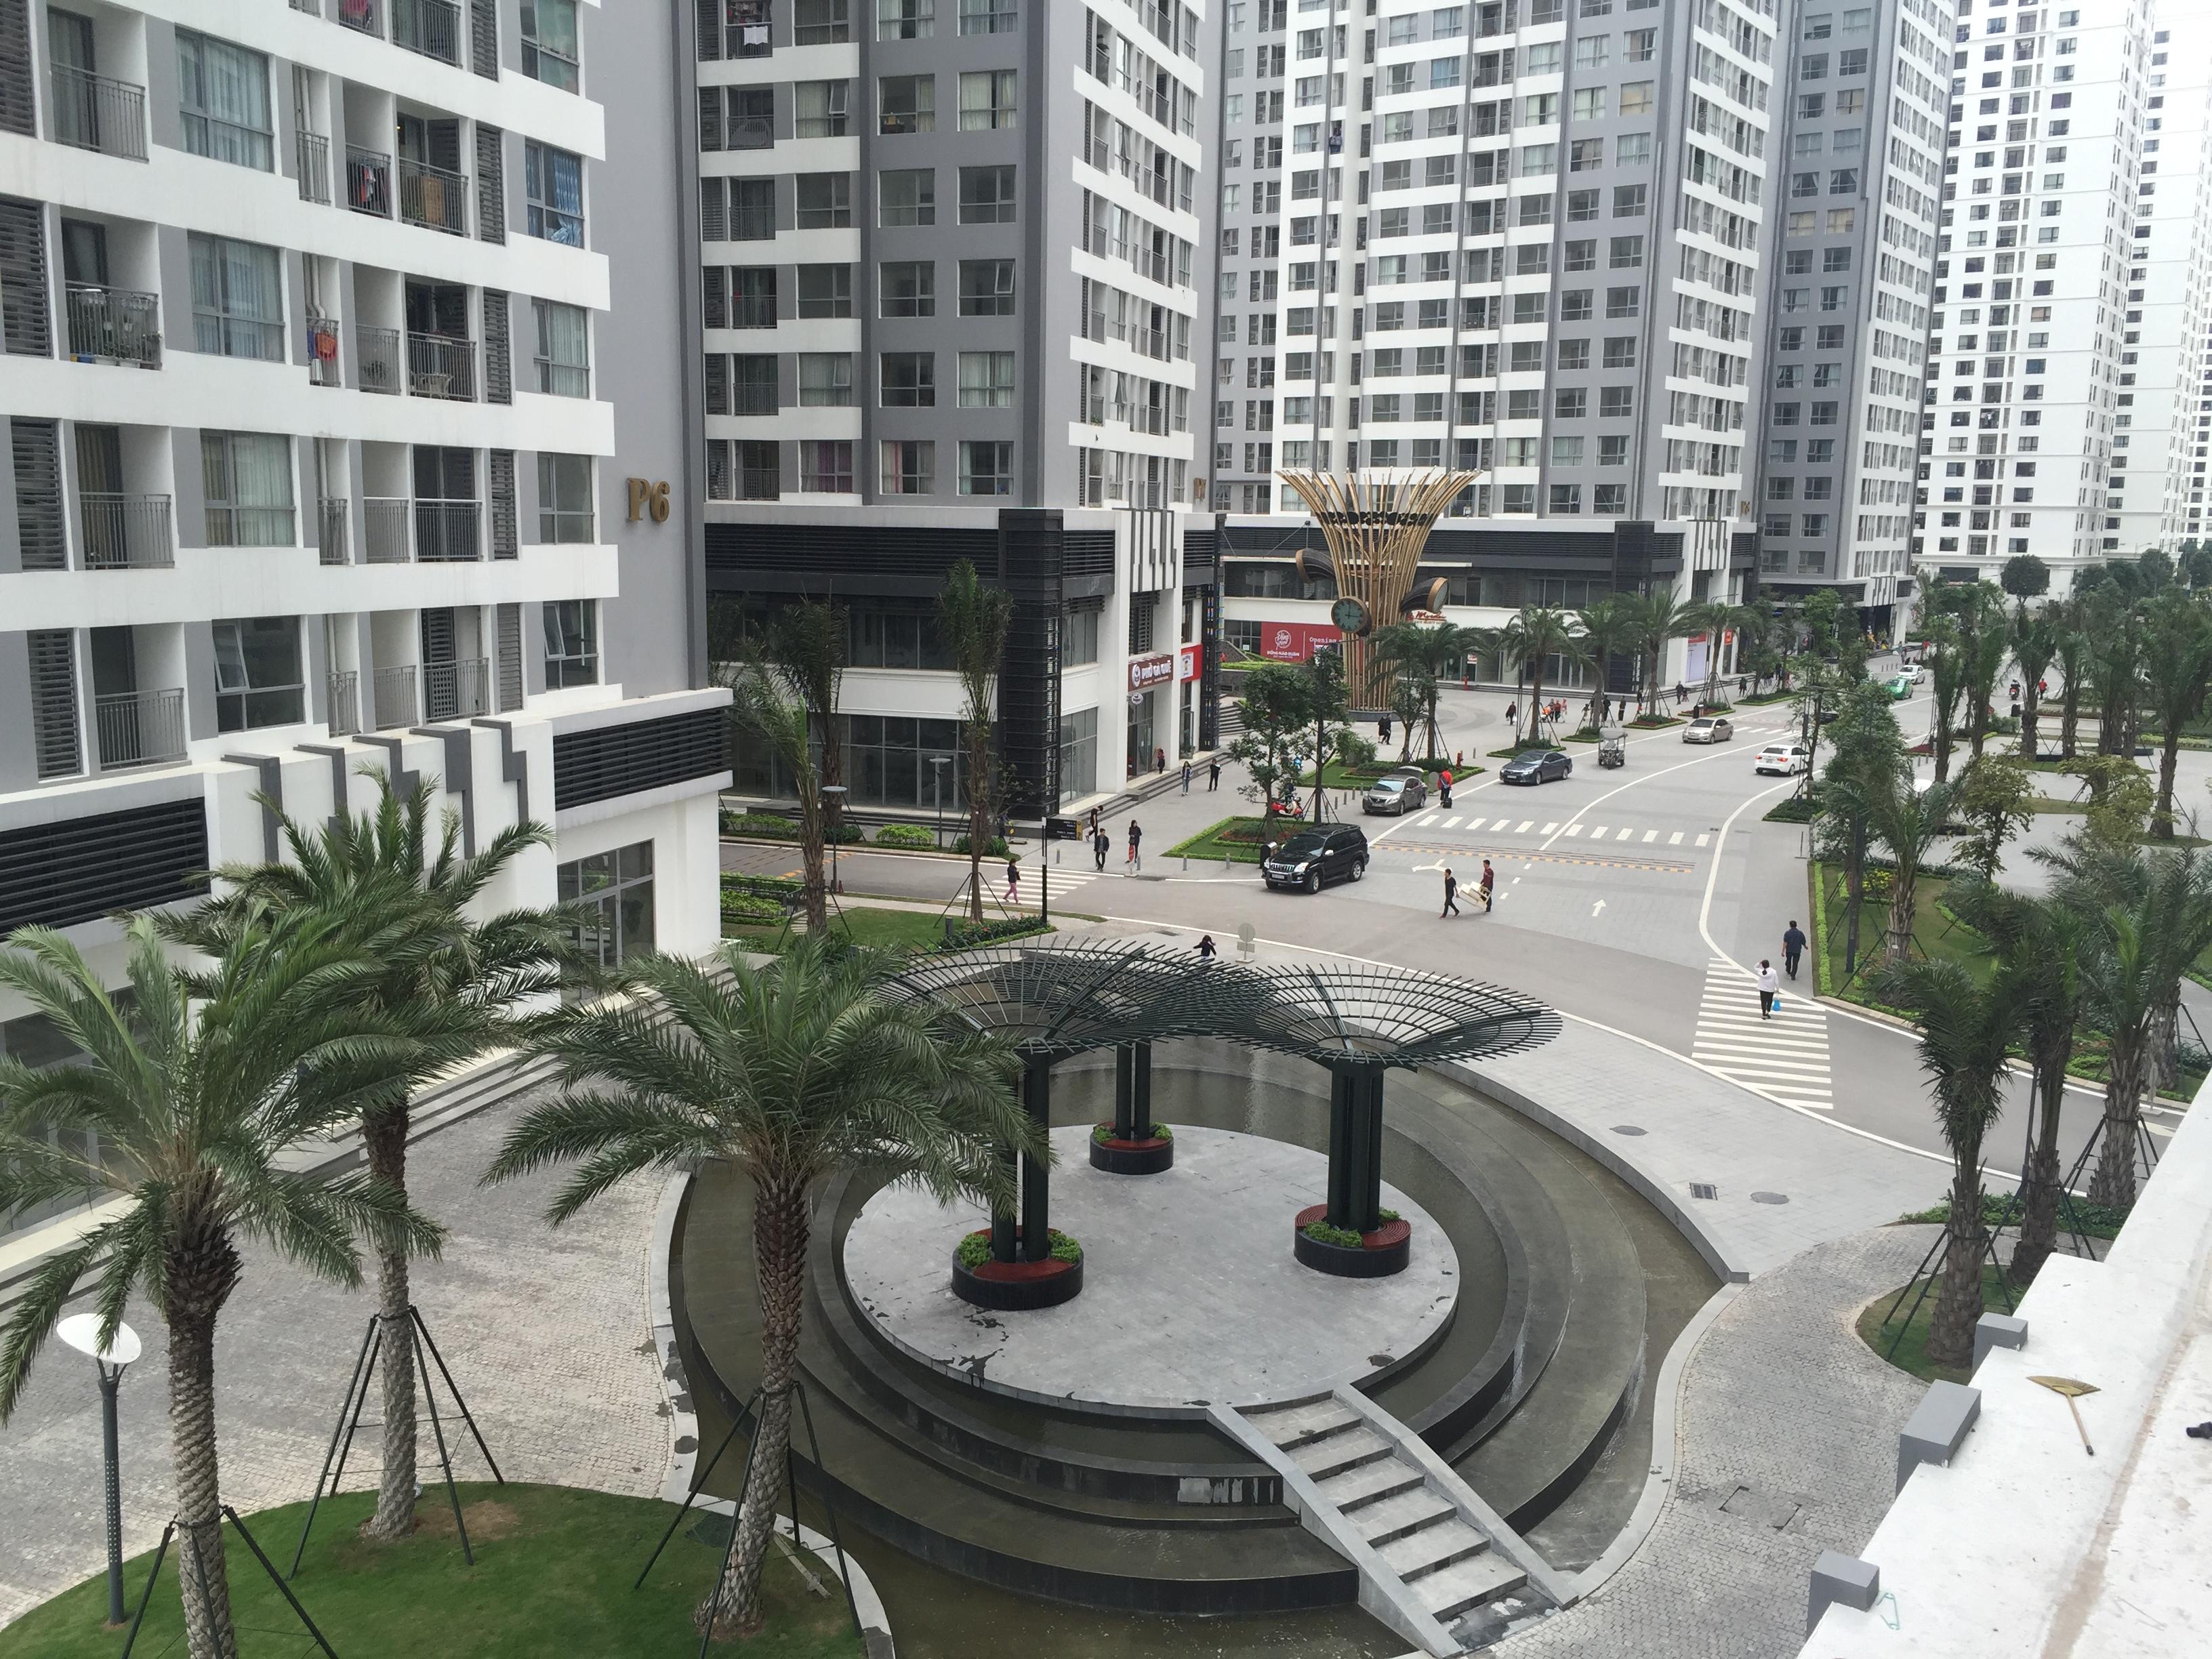 Chung cư Times City quá nổi tiếng với nhiều tiện ích